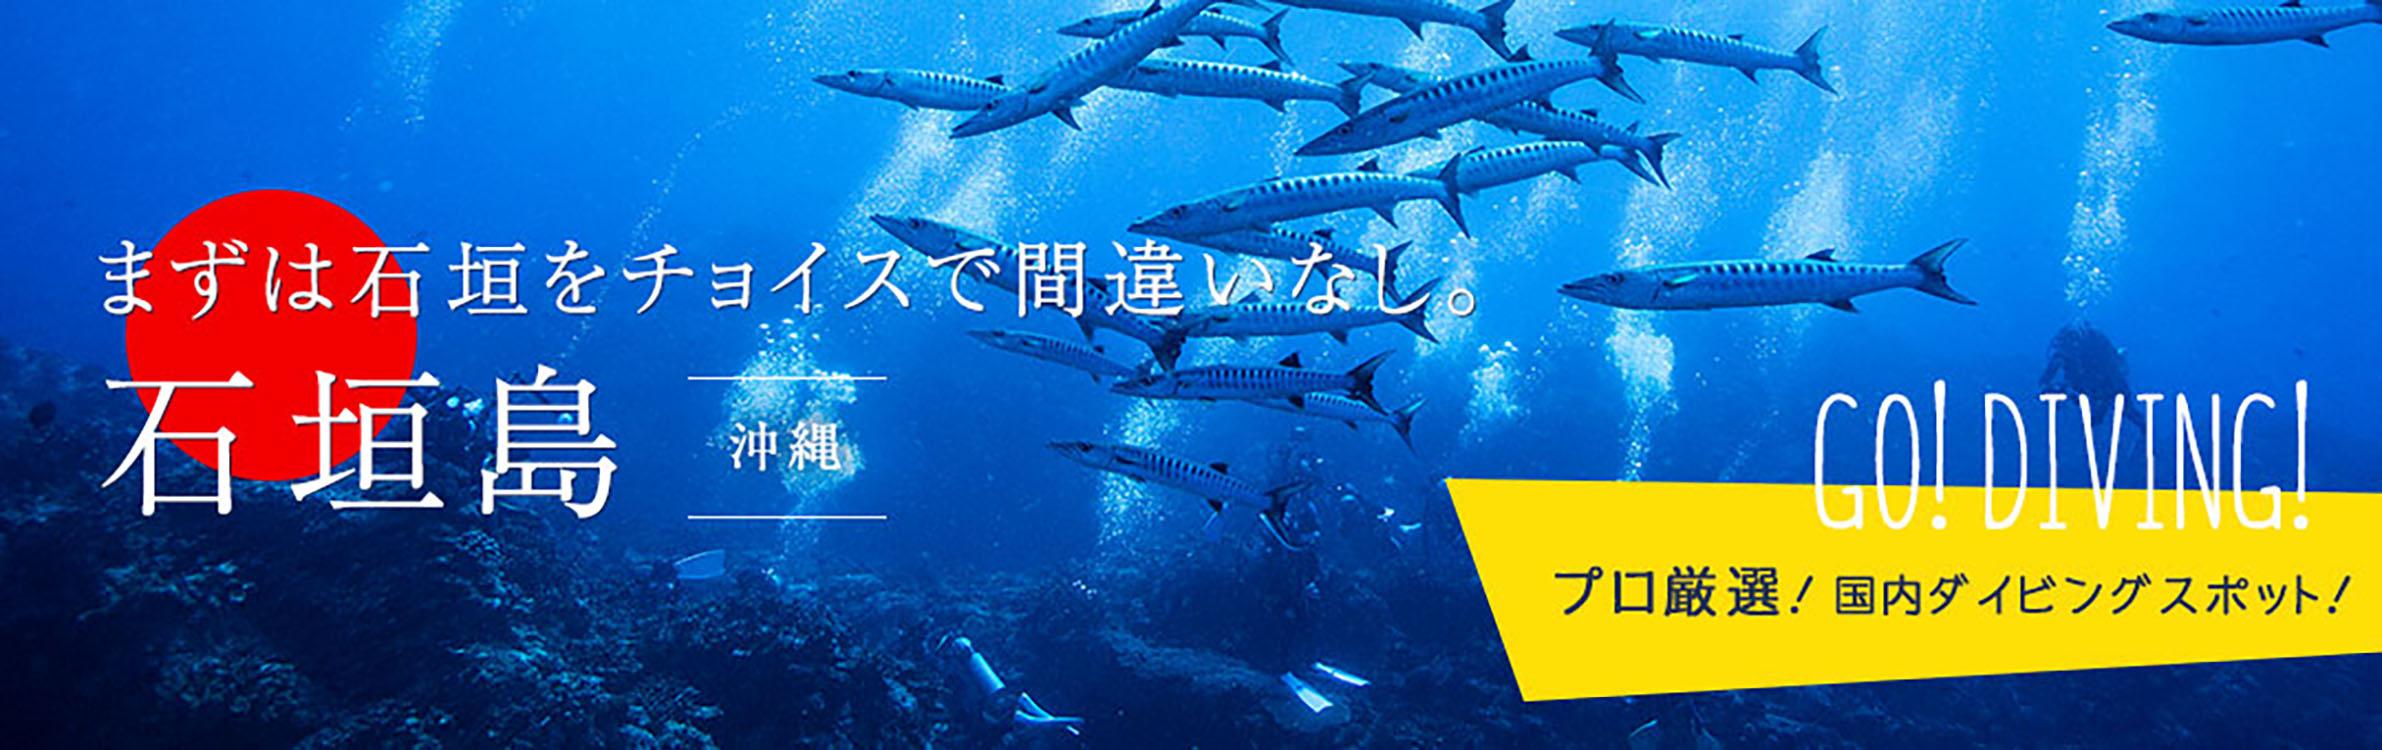 石垣島ダイビング情報